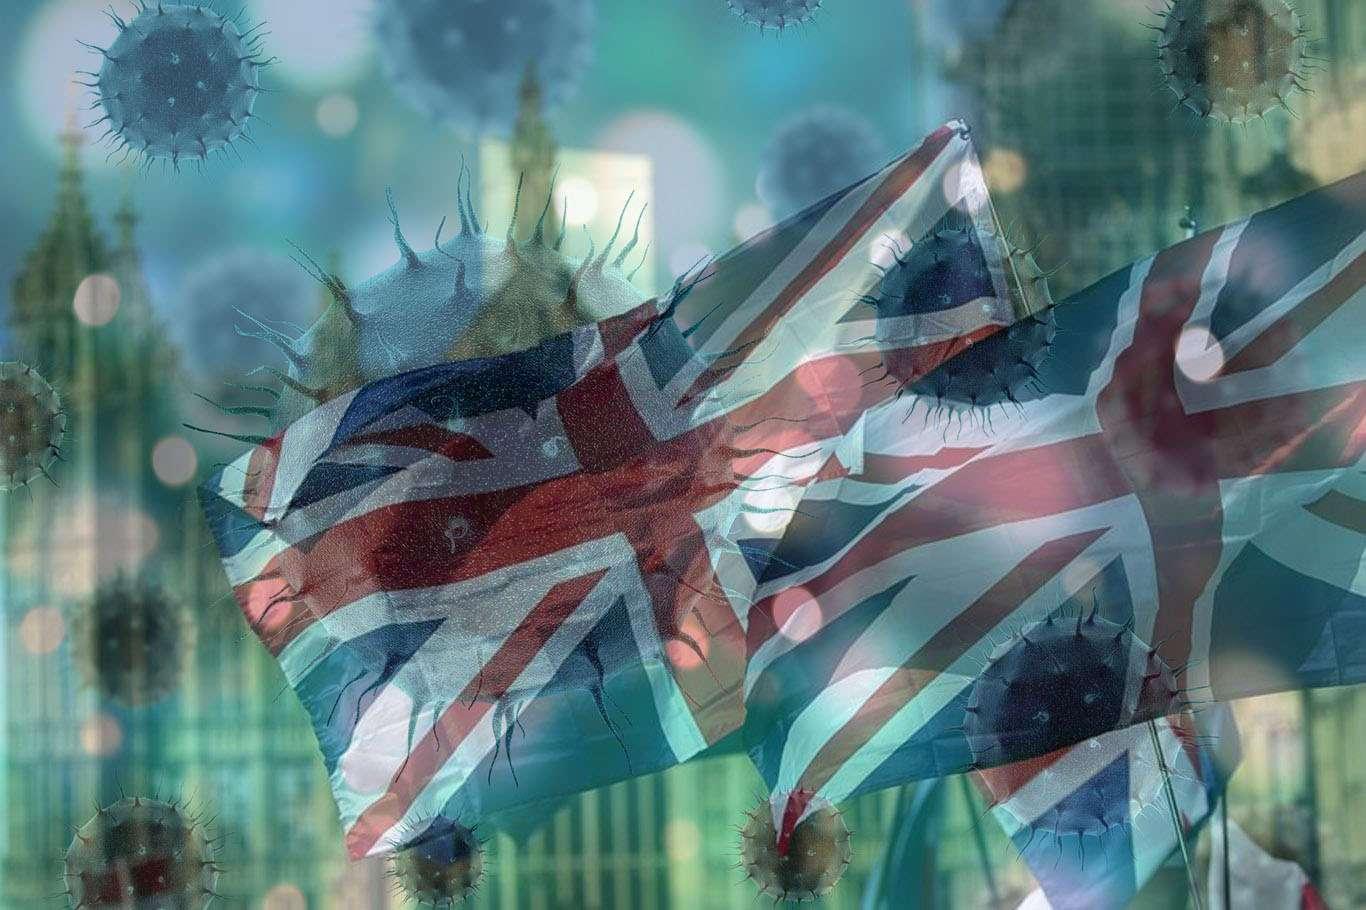 İngiltere'de Son 24 Saatte Bin 200 Ölüm Yaşandı